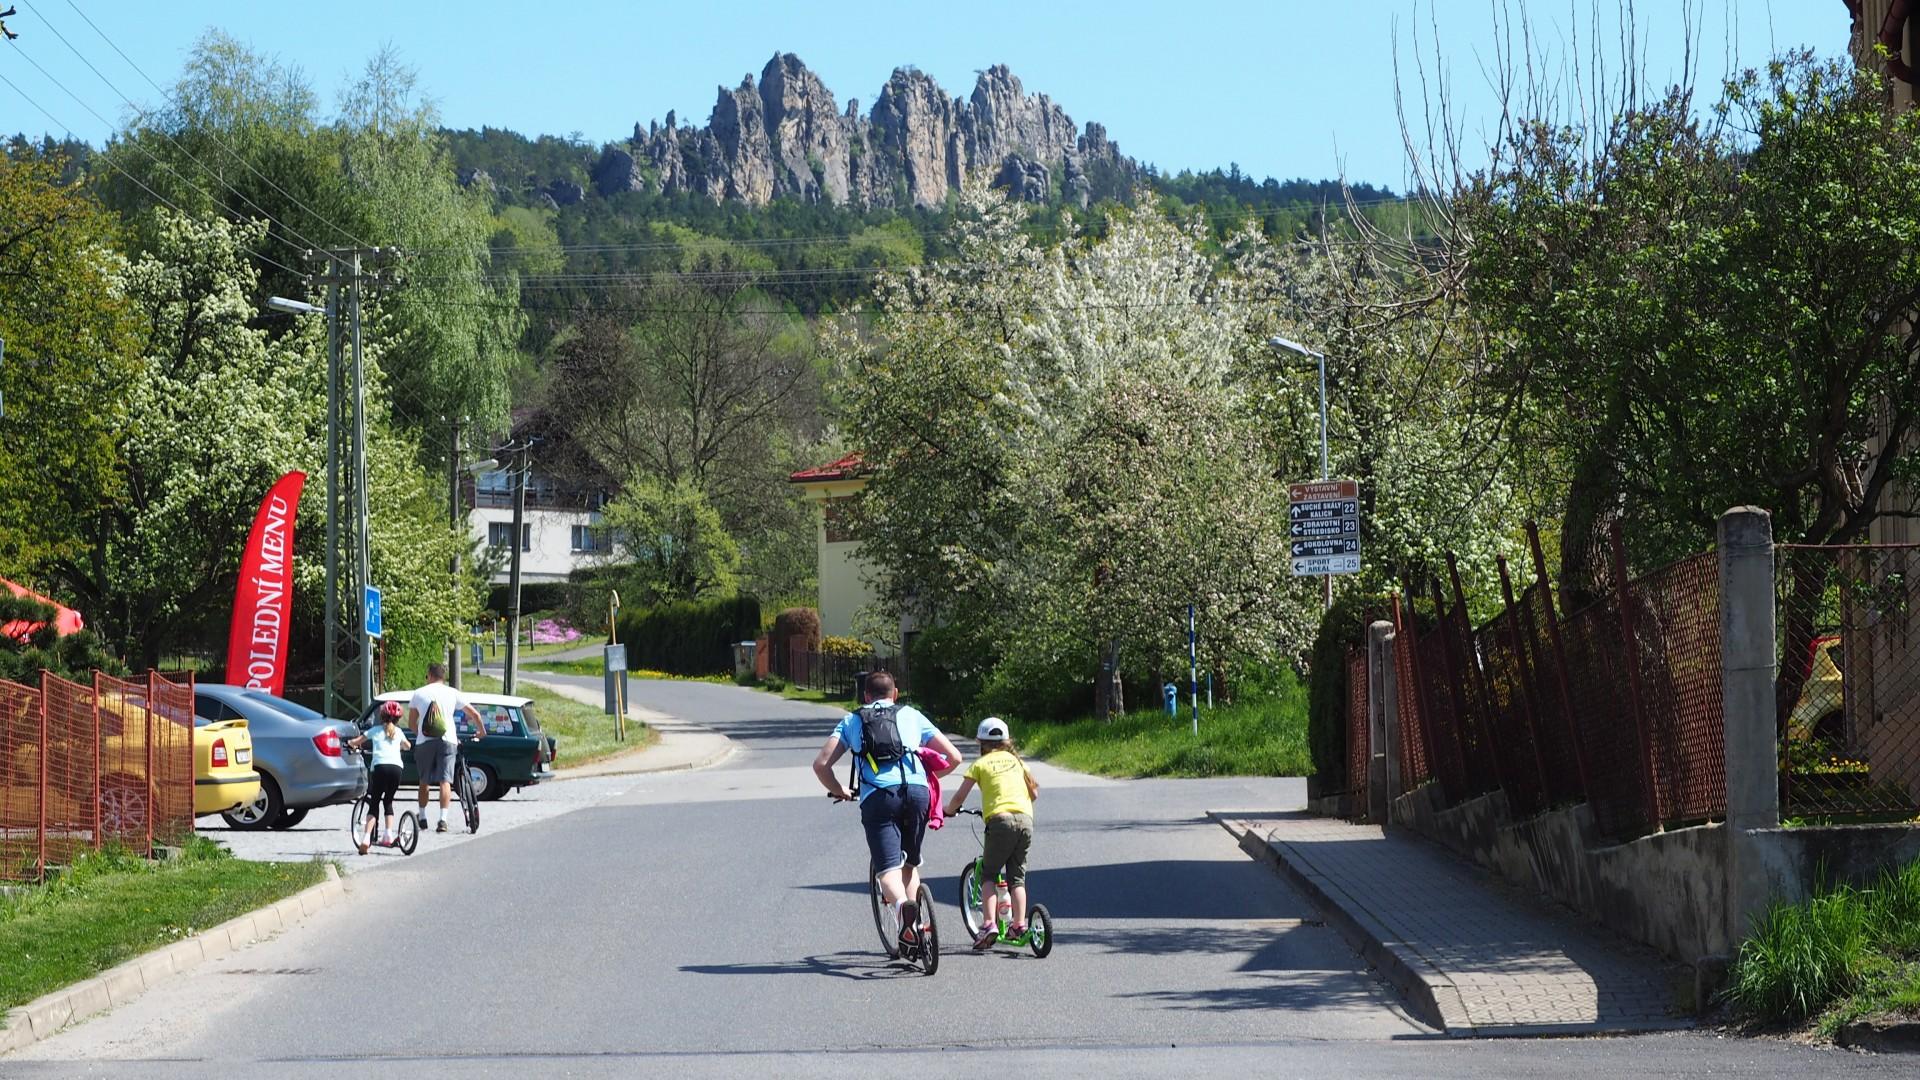 Er wordt ook veel gestept op de Jizera Greenway route